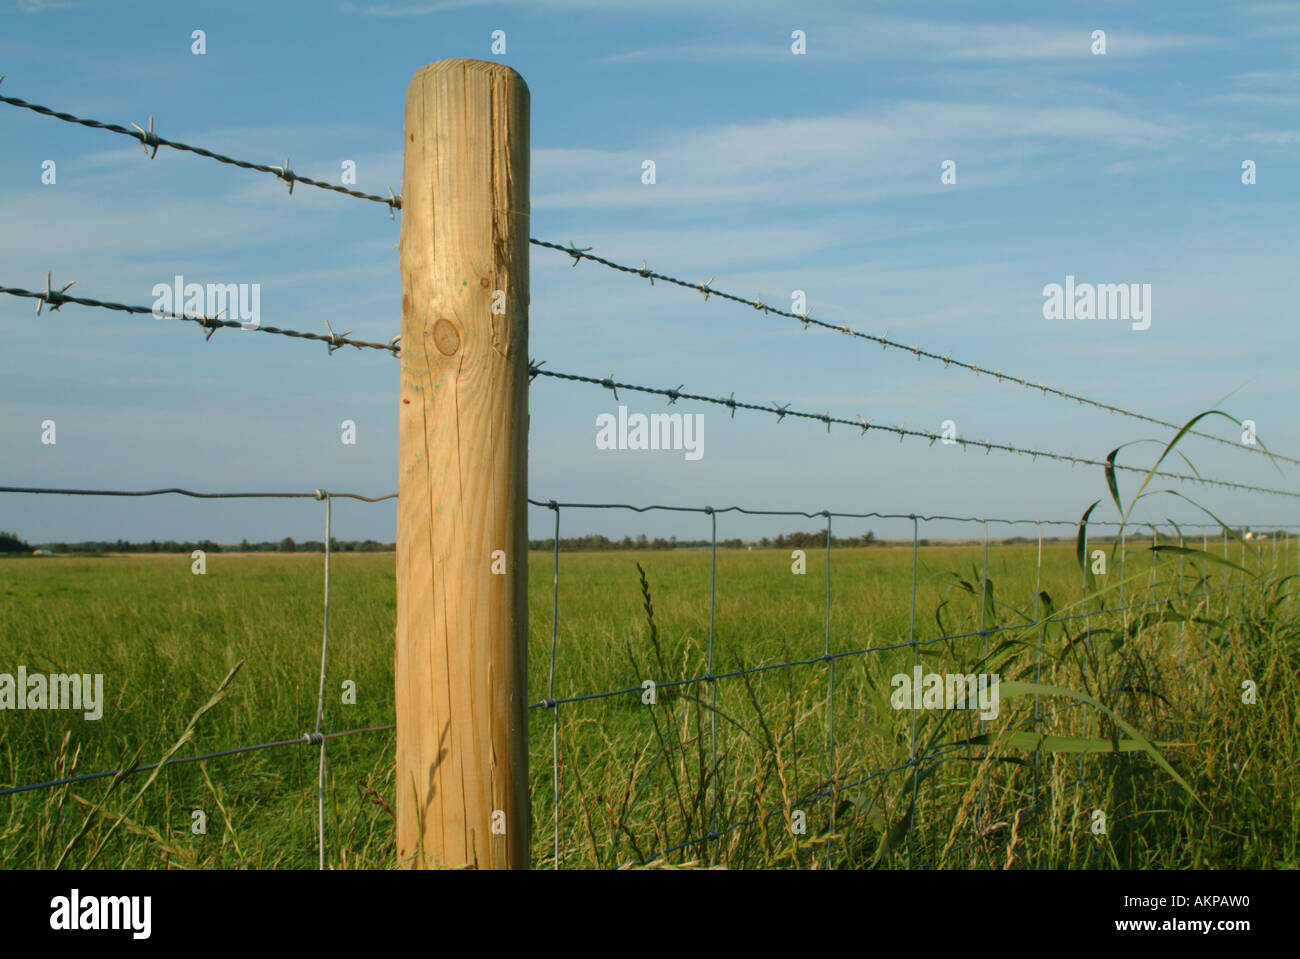 Ziemlich Vieh Drahtzaun Bilder - Der Schaltplan - raydavisrealtor.info